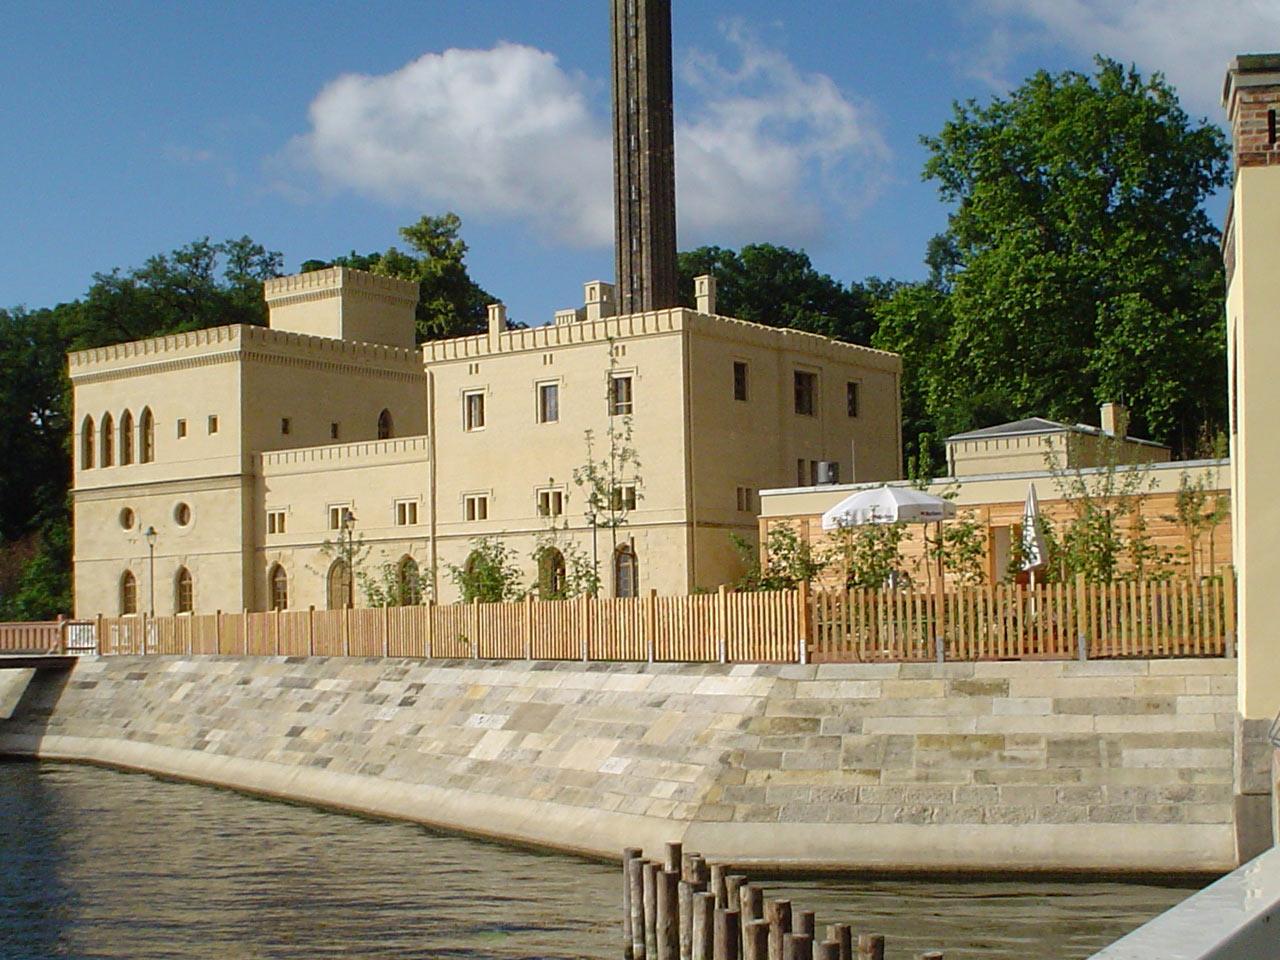 Architekturburo Denkmalschutz Berlin Putzmann Cierpka Binder Architekten Berlin